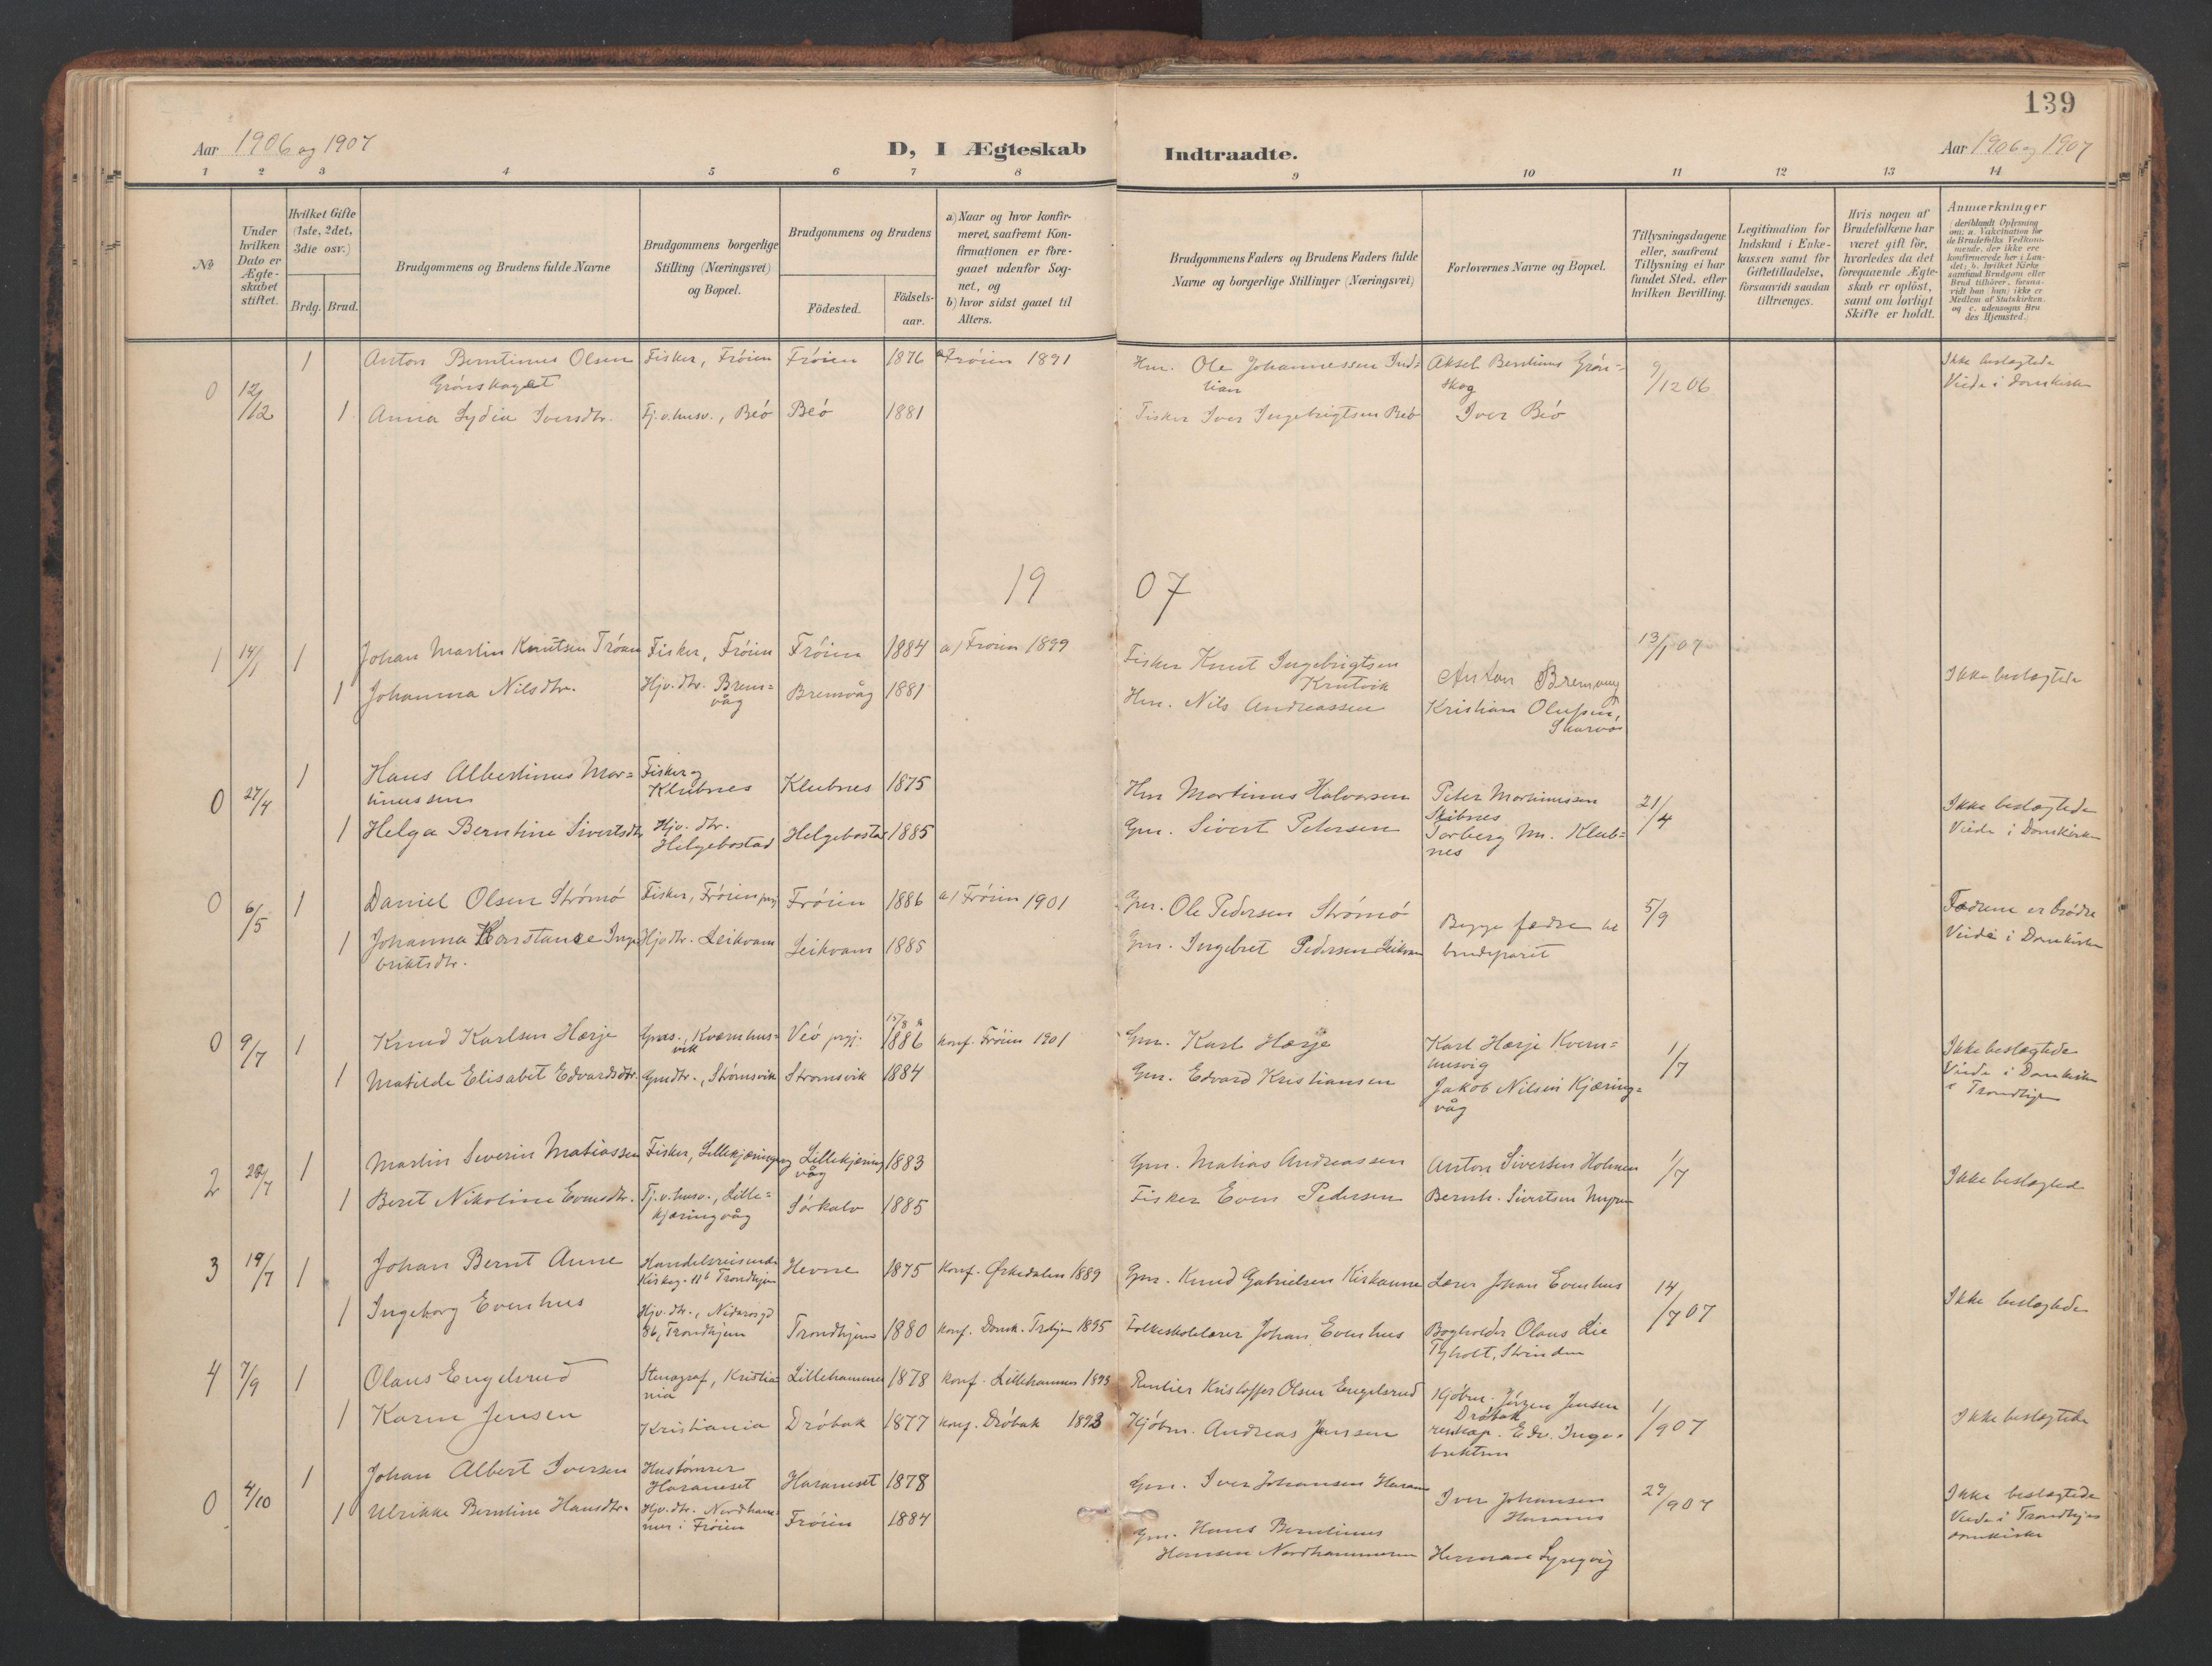 SAT, Ministerialprotokoller, klokkerbøker og fødselsregistre - Sør-Trøndelag, 634/L0537: Ministerialbok nr. 634A13, 1896-1922, s. 139